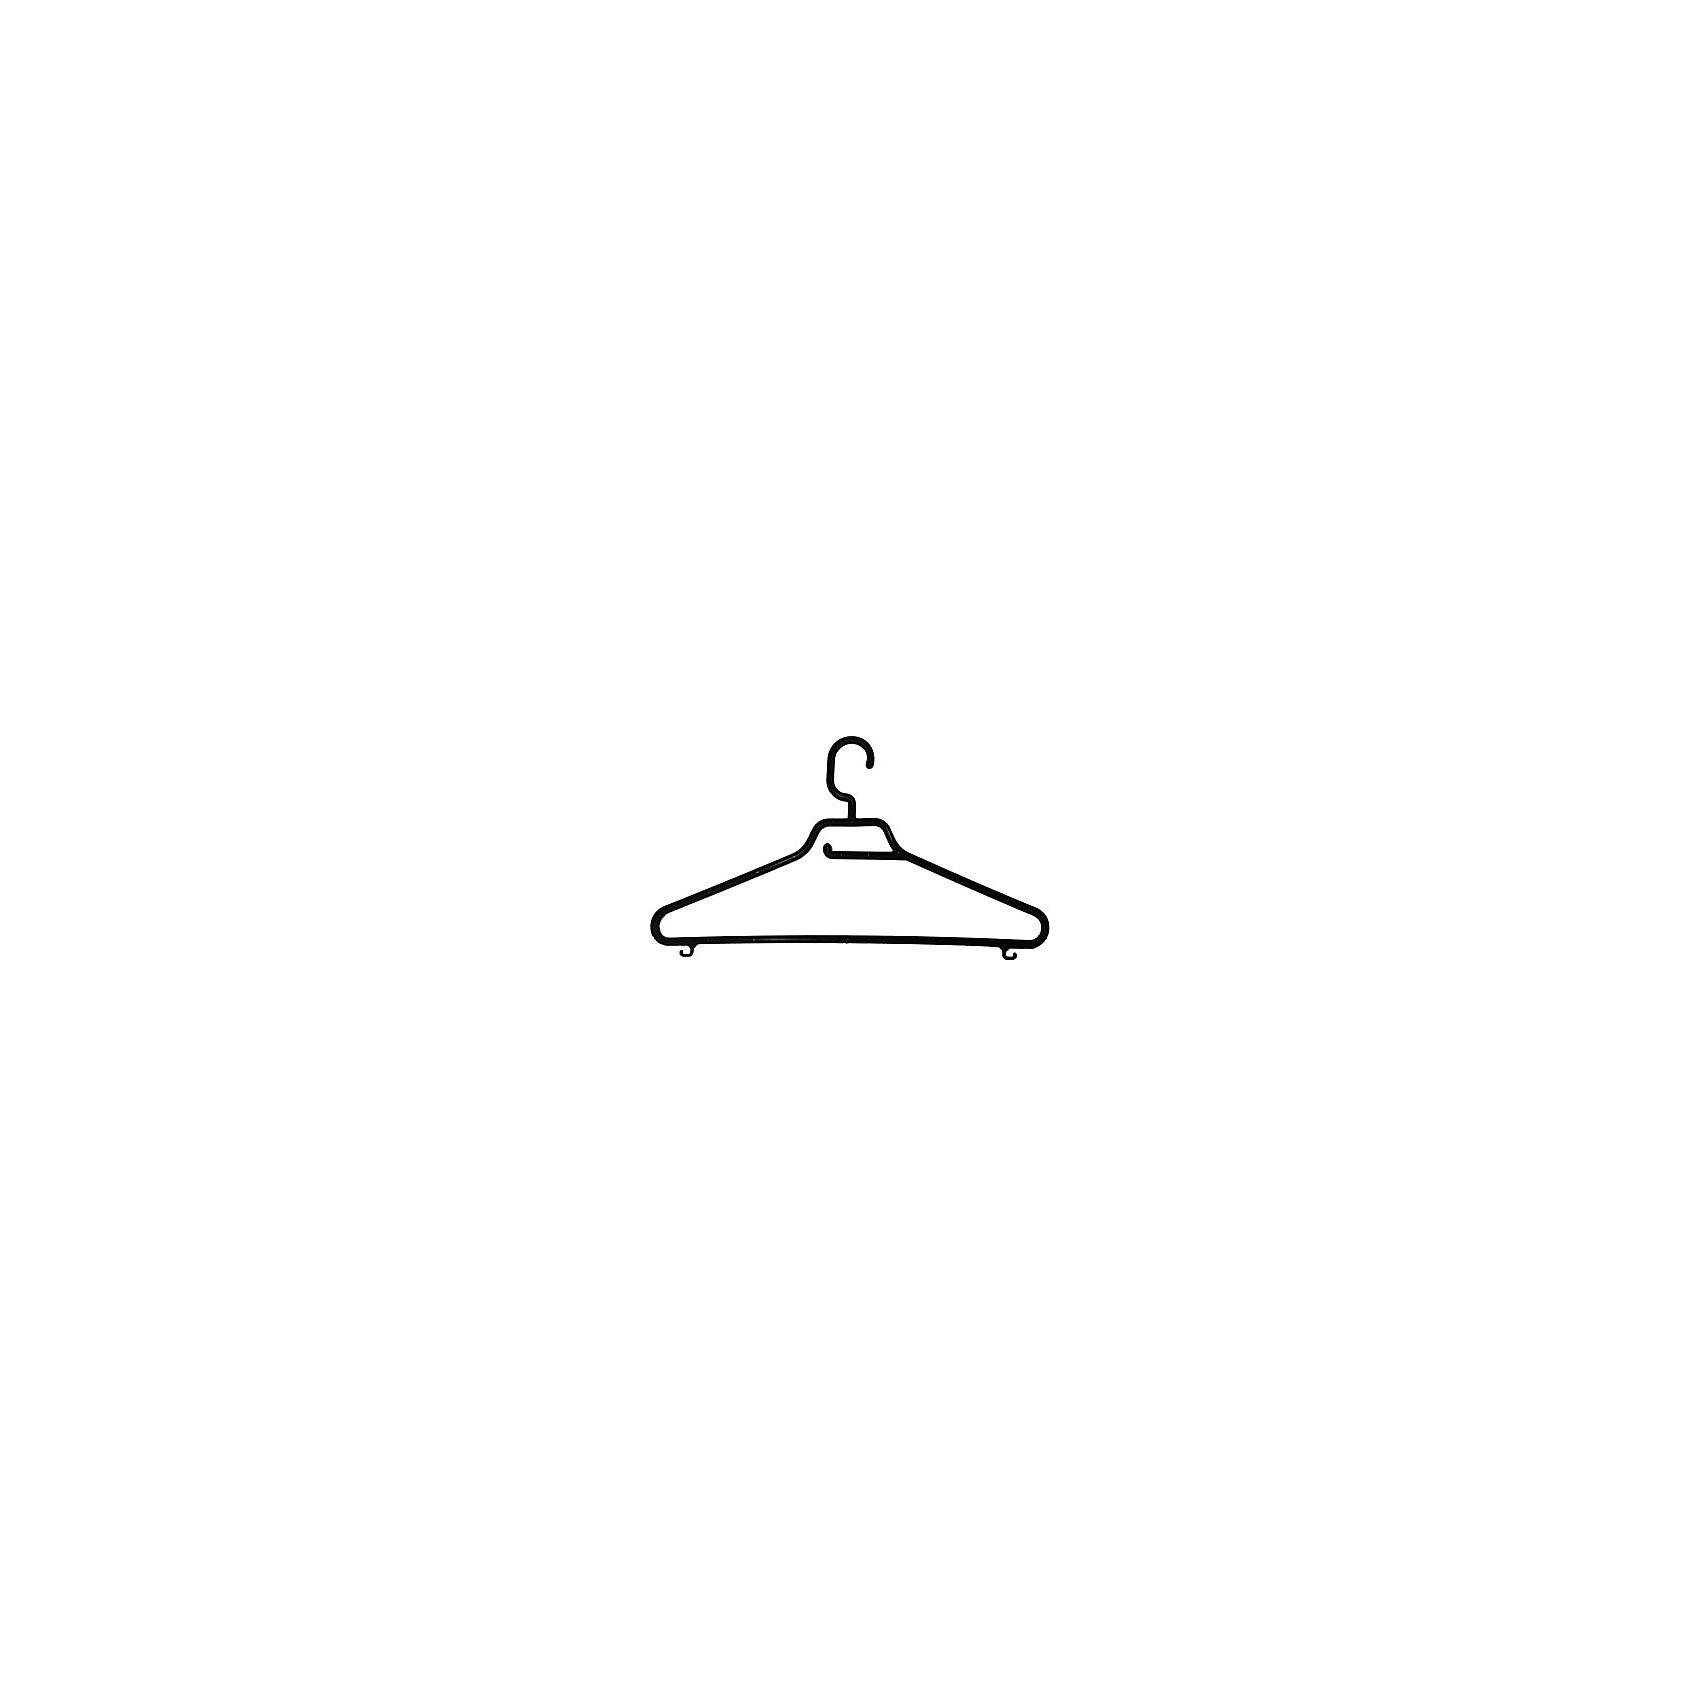 Вешалка для легкой одежды Keeper-3, BranQПредметы интерьера<br>Вешалка для легкой одежды Keeper-3, BranQ<br><br>Характеристики:<br><br>• Цвет: черный<br>• Материал: пластик<br>• В комплекте: 1 штука<br><br>Вешалка изготовлена при помощи пластика высокого качества, а потому имеет повышенную прочность и не бьется. Оснащена закругленными плечиками, для предоставления более бережного хранения вашим вещам, а так же имеет перекладину и три крючка.<br><br>Вешалка для легкой одежды Keeper-3, BranQ можно купить в нашем интернет-магазине.<br><br>Ширина мм: 425<br>Глубина мм: 235<br>Высота мм: 7<br>Вес г: 45<br>Возраст от месяцев: 216<br>Возраст до месяцев: 1188<br>Пол: Унисекс<br>Возраст: Детский<br>SKU: 5545602